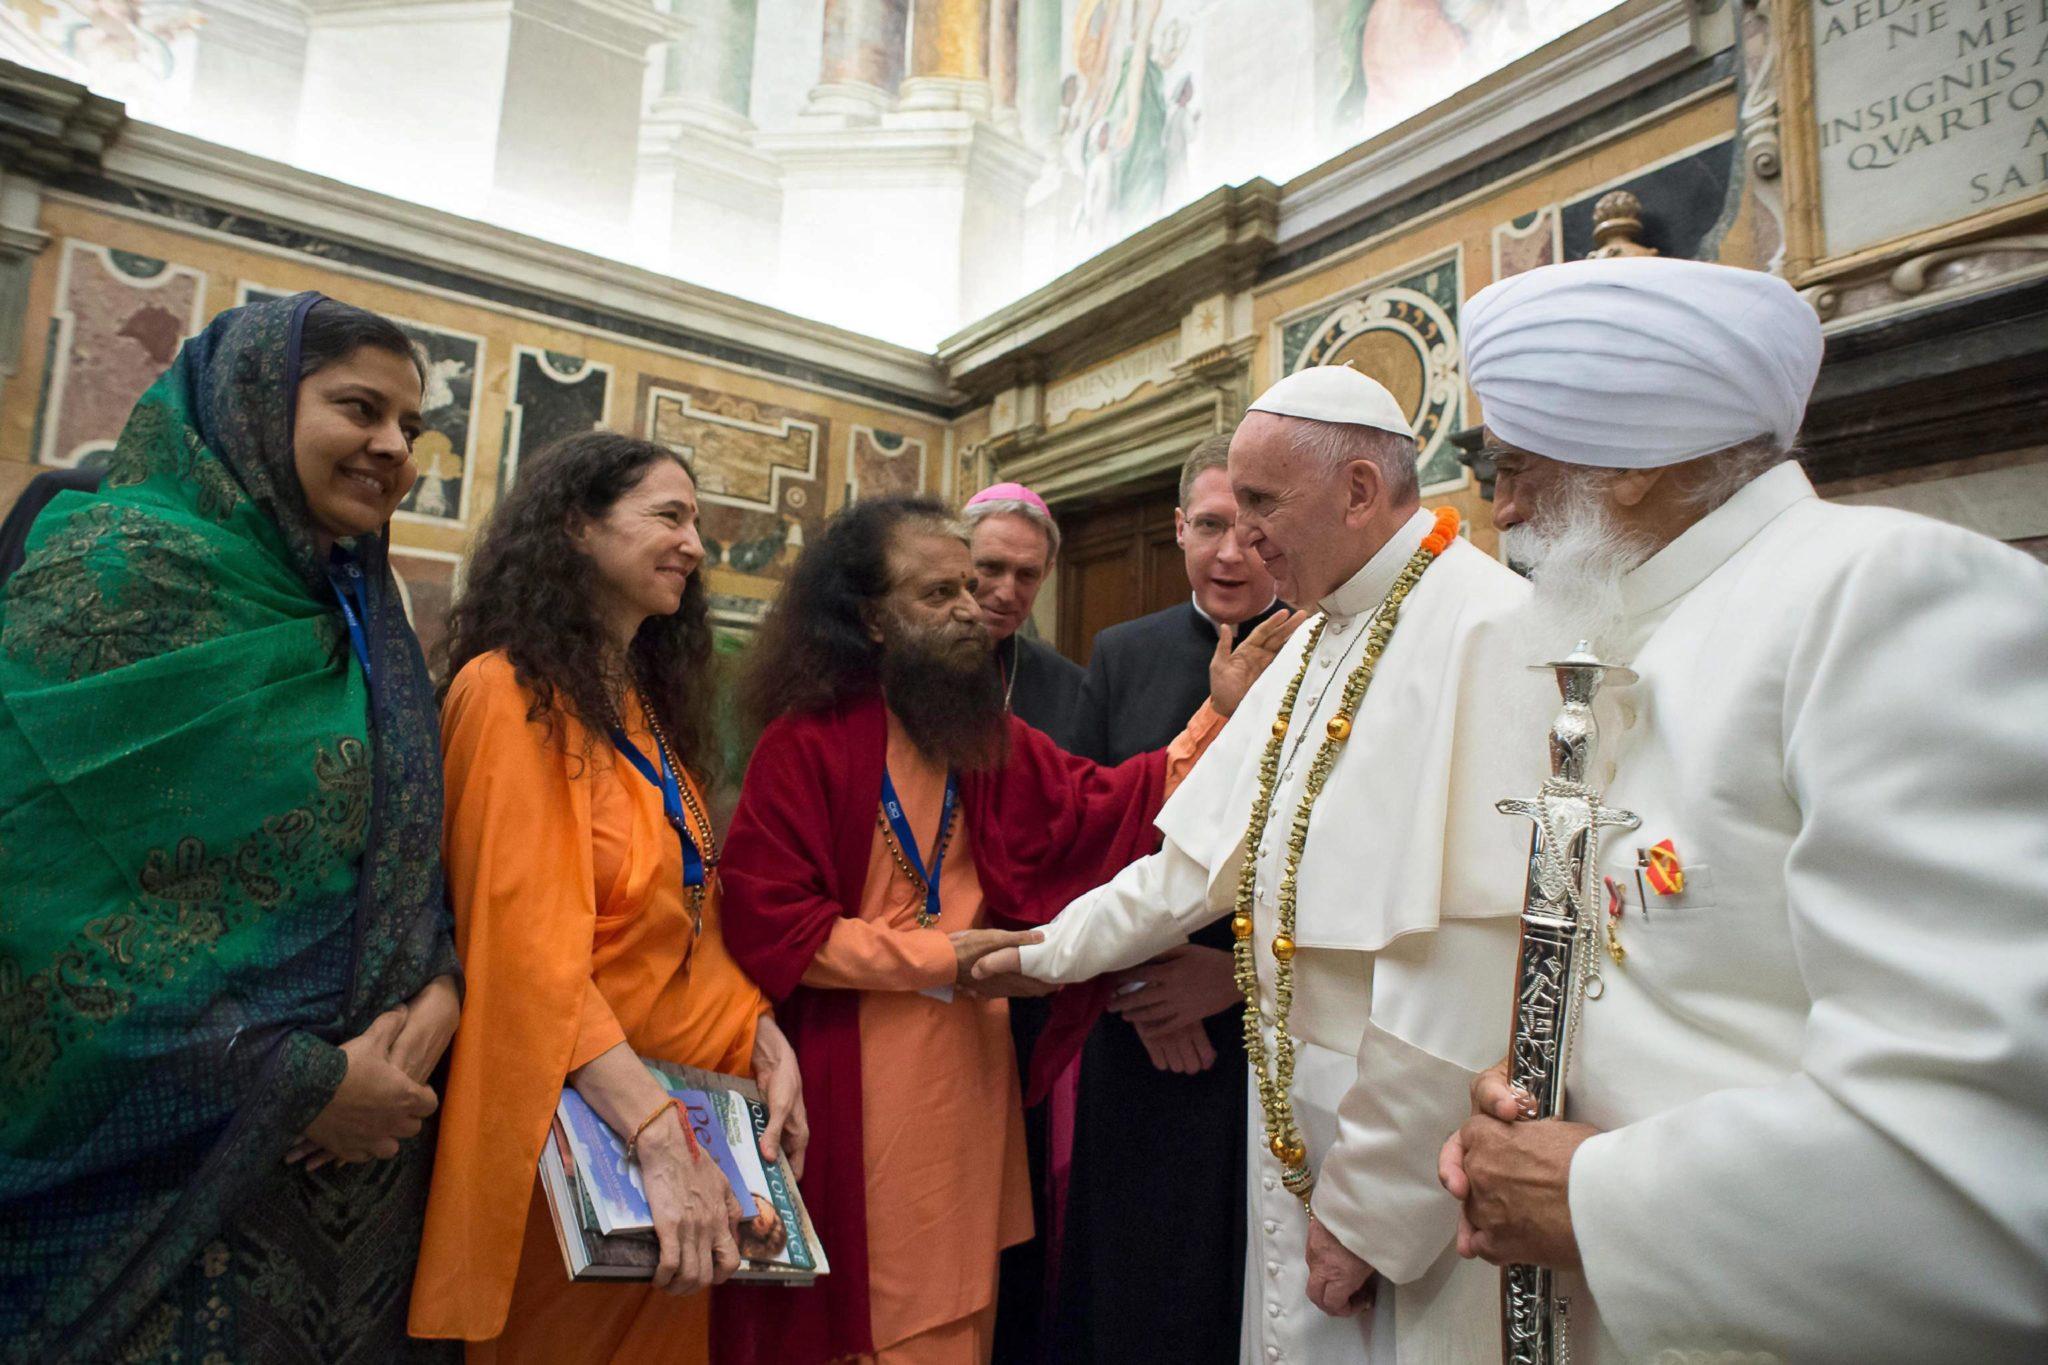 Papież Franciszek  na audiencji wielu religii. Uczestniczyło w niej 200 reprezentantów wspólnot religijnych (w tym muzułmańskich, buddyjskich, żydowskich i hinduskich). Fot. EPA/OSSERVATORE ROMANO / HANDOUT  HANDOUT EDITORIAL USE ONLY/NO SALES